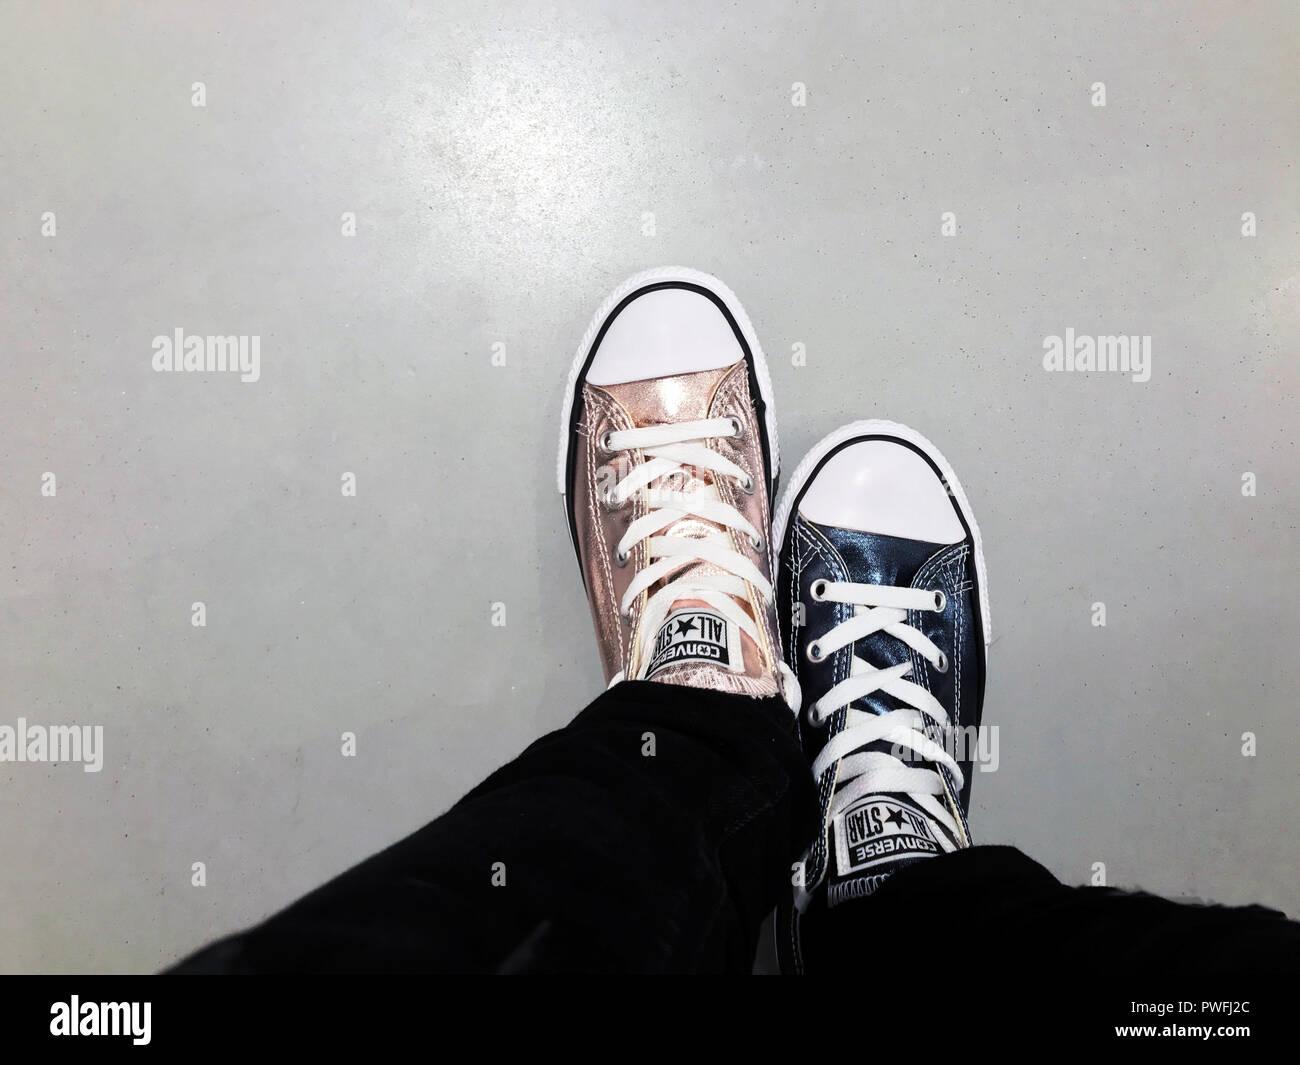 6c543f57 Zapatos Converse Imágenes De Stock & Zapatos Converse Fotos De Stock ...